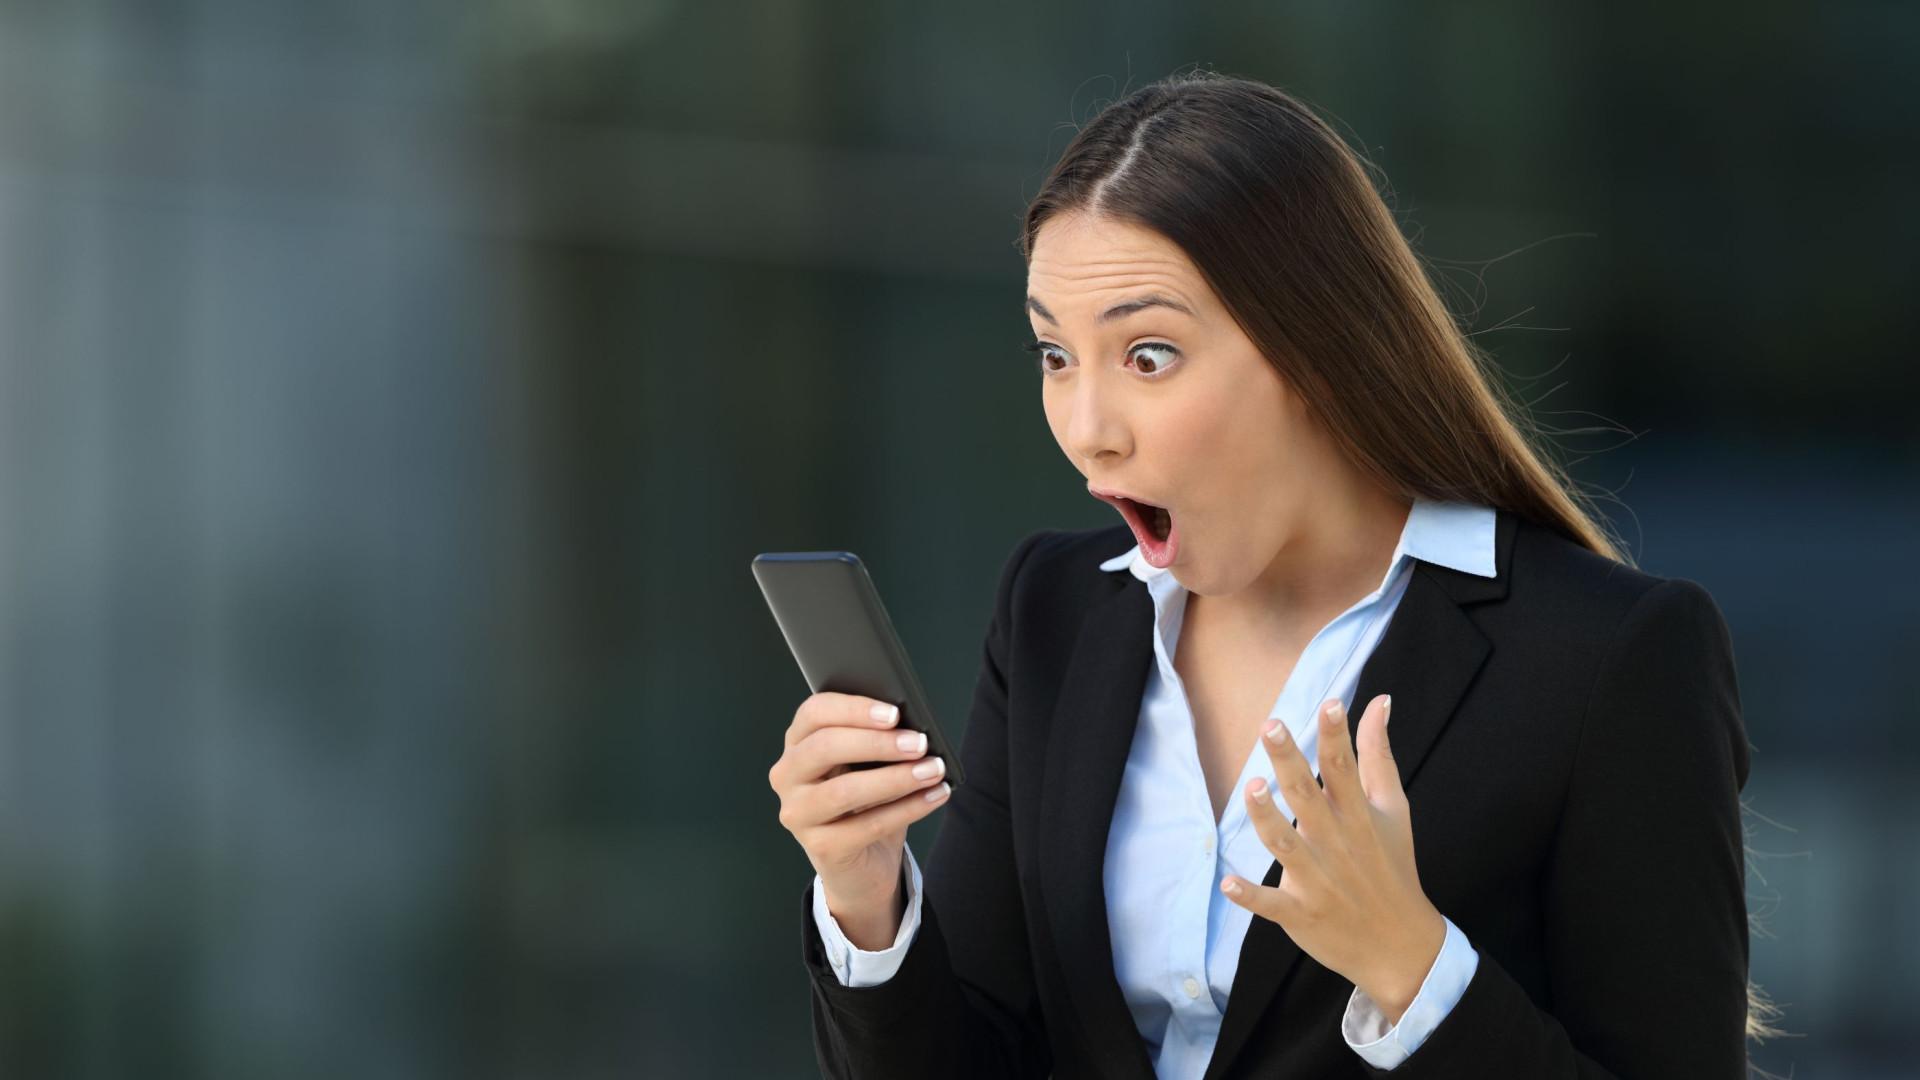 Uso do telemóvel pode aumentar rugas no pescoço e duplo-queixo